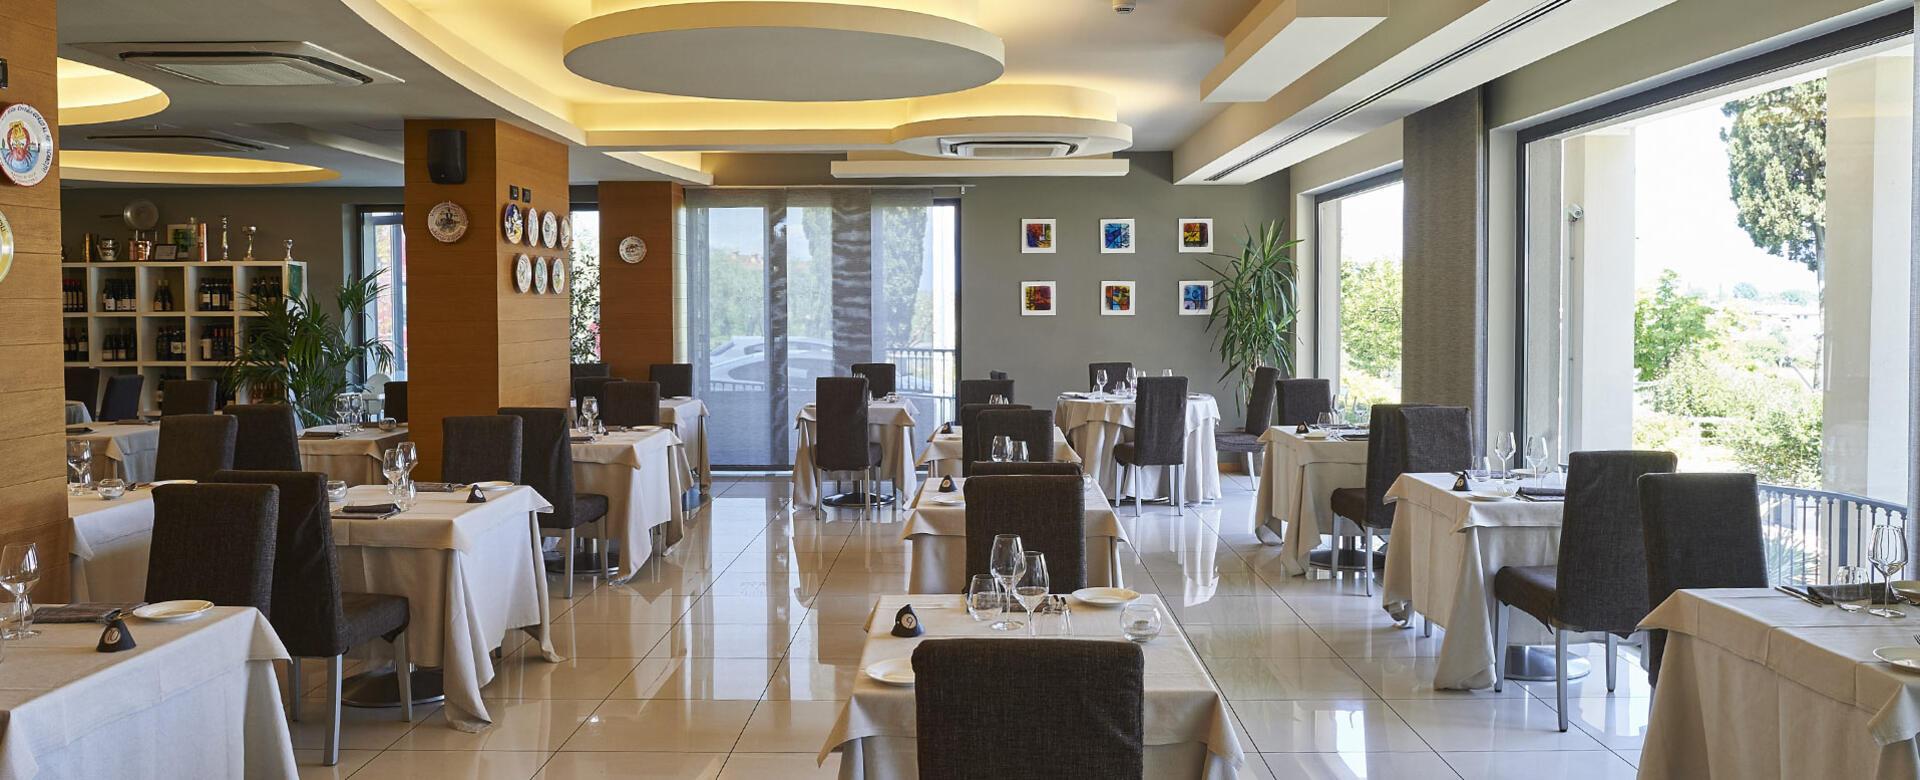 hotelvillaluisa it gastronomia 004